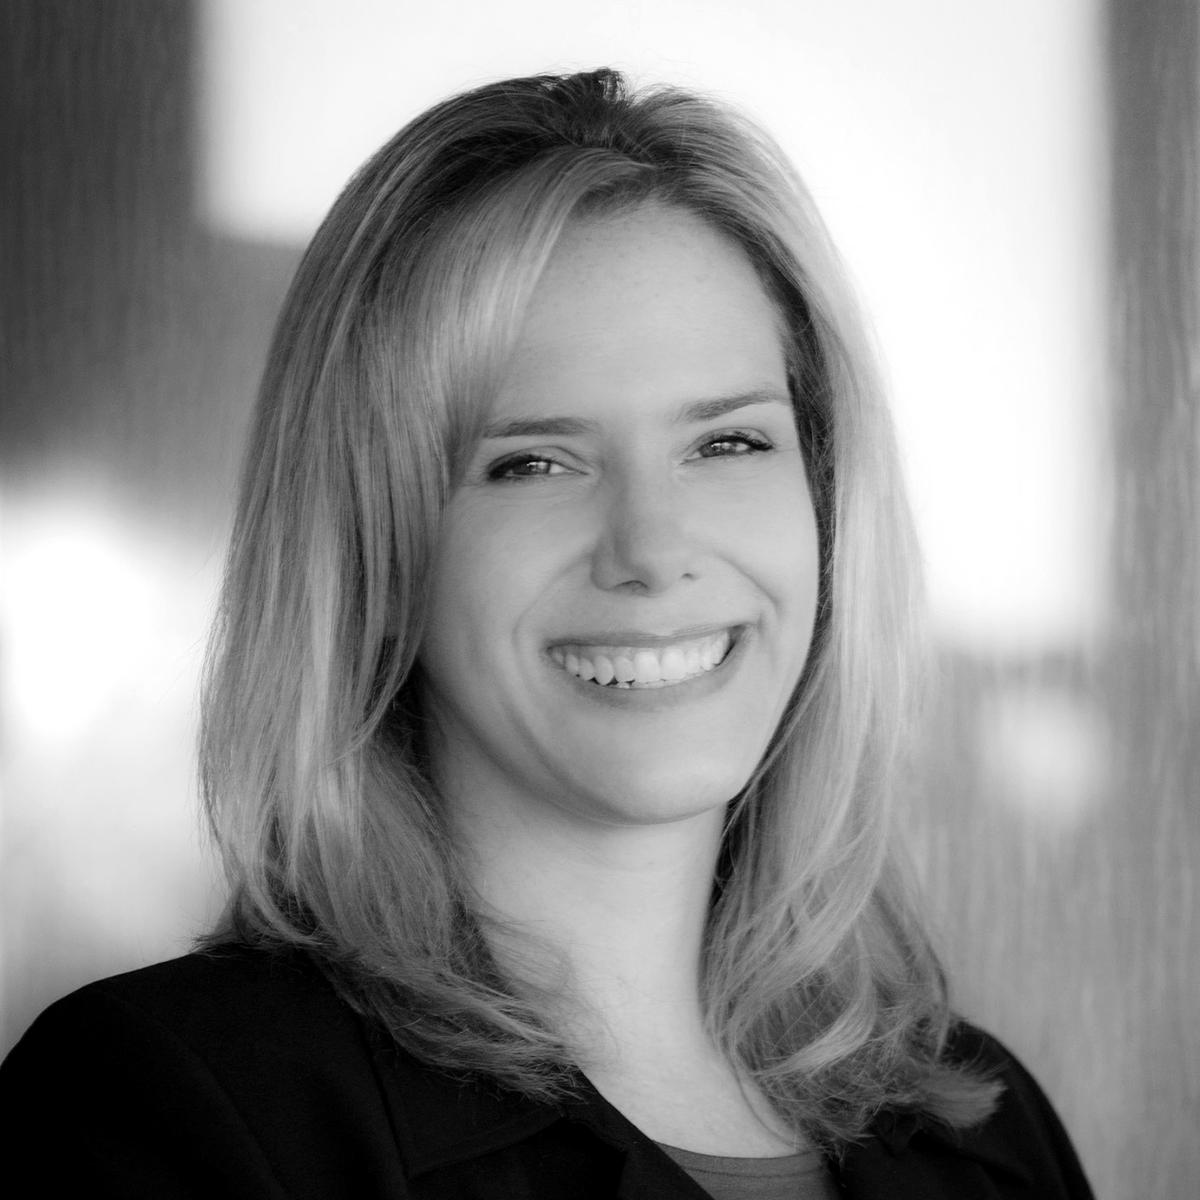 Kristen E. Nelsen